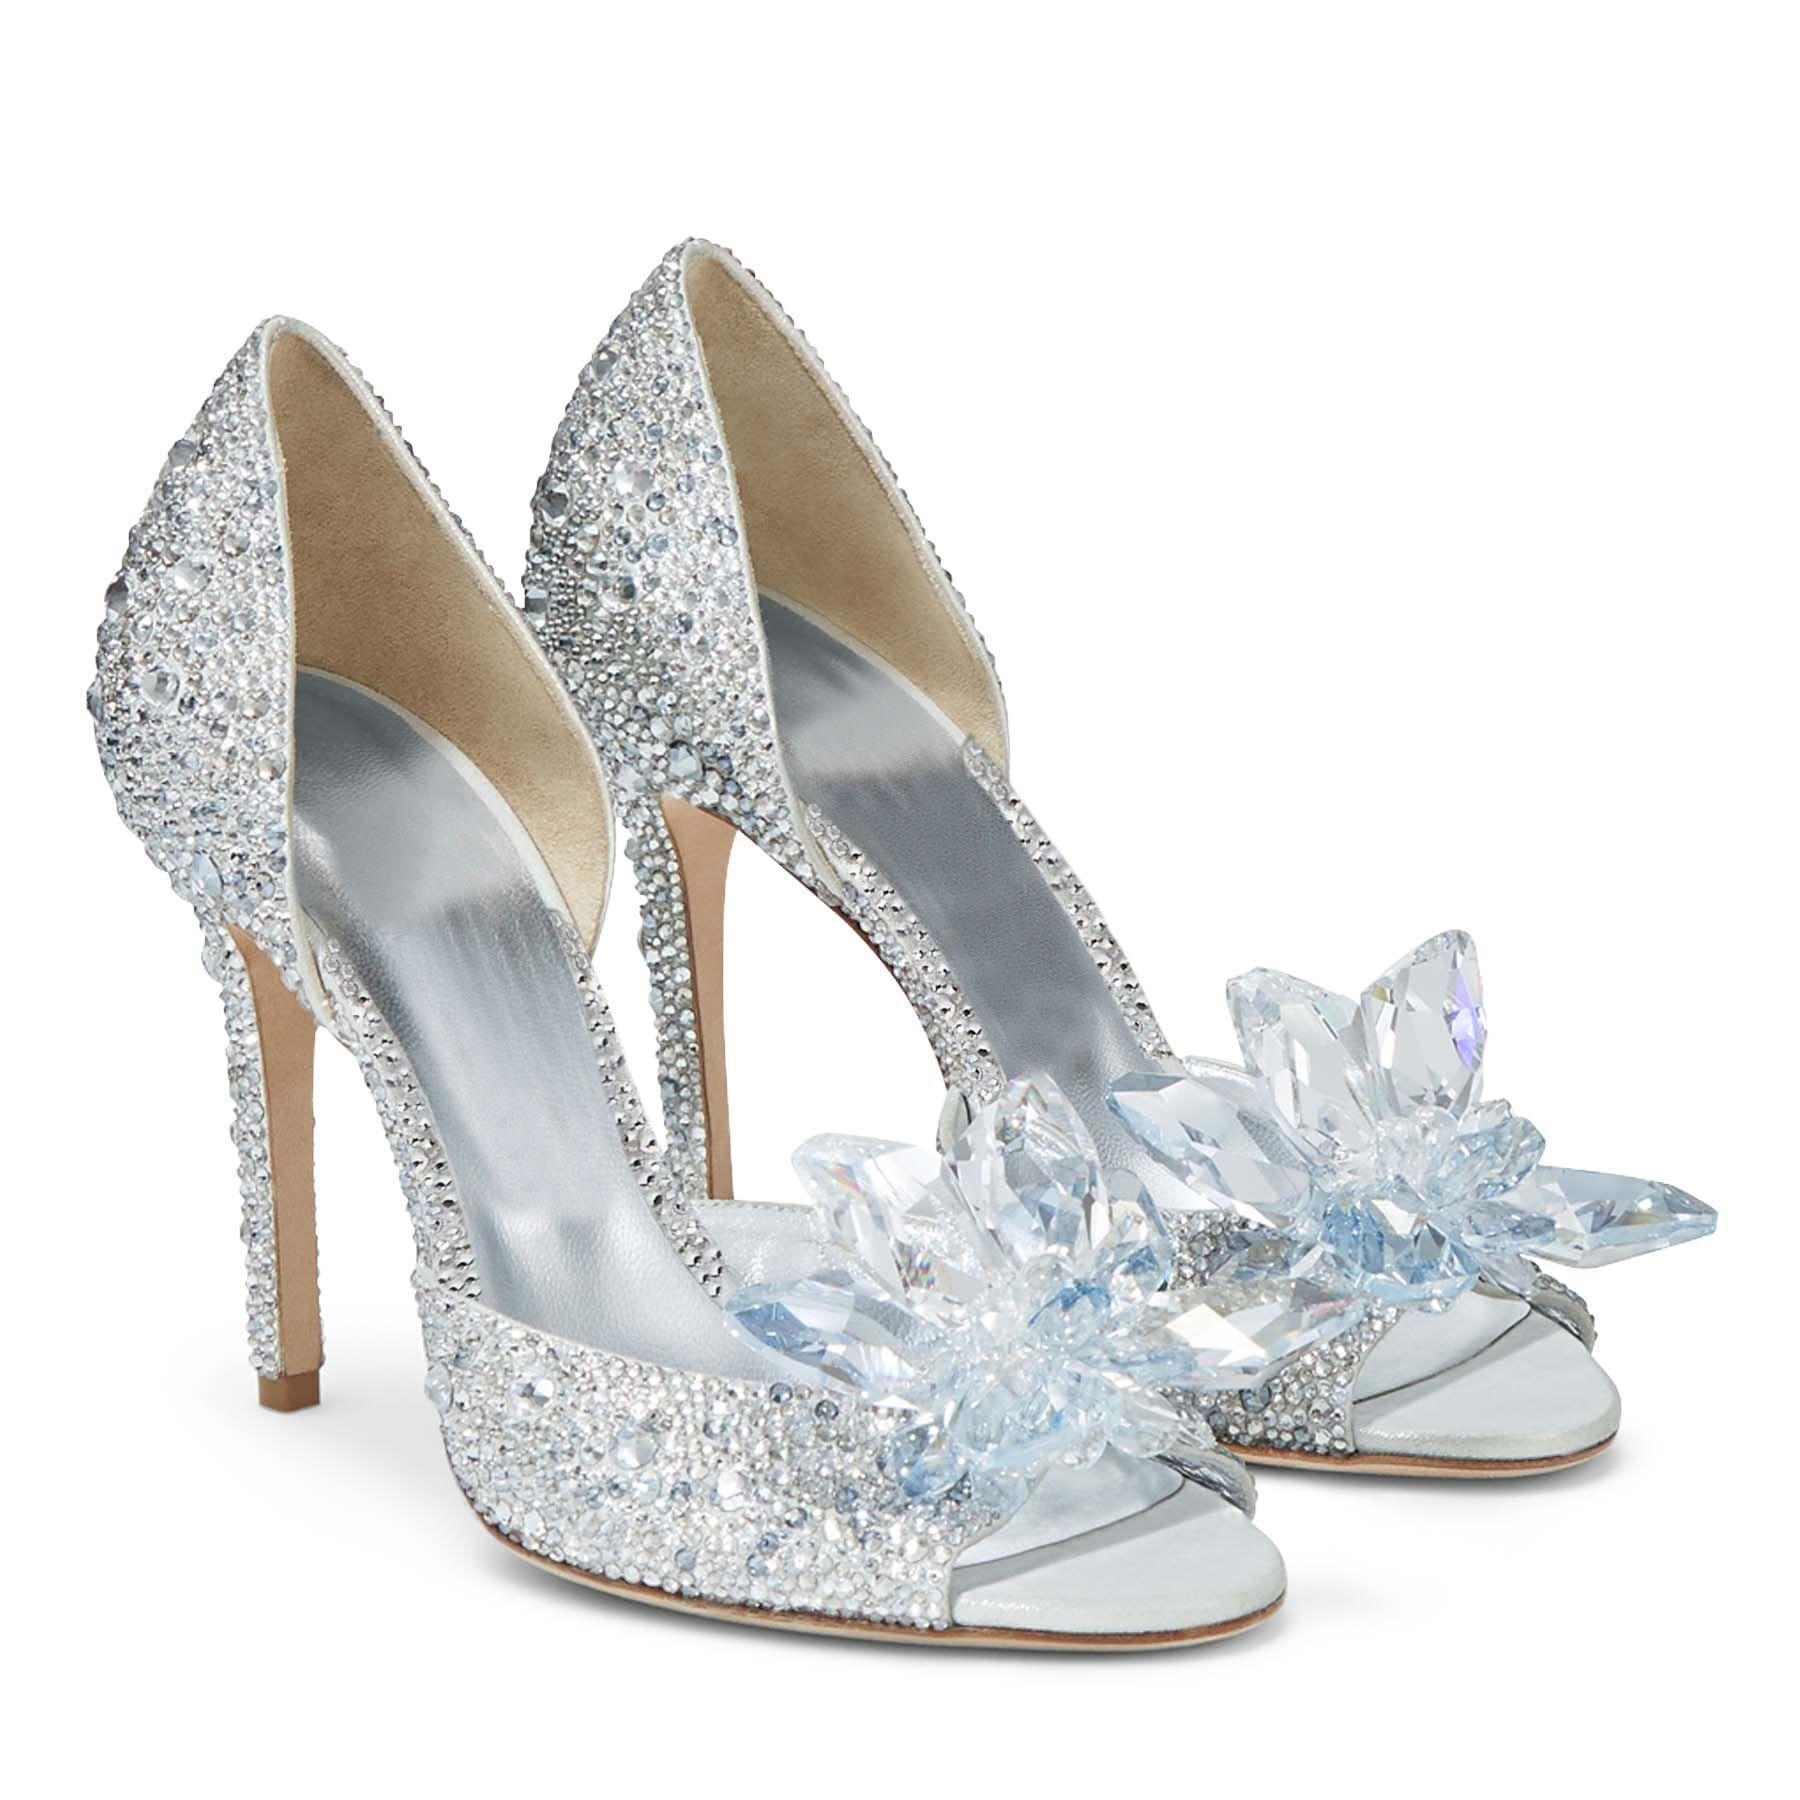 أحذية نسائية بالكعب كريستال أحذية سندريل الماس عالية الكعب أحذية دبوس زينة للزفاف من حجر الراين أحذية خنجر مضخات